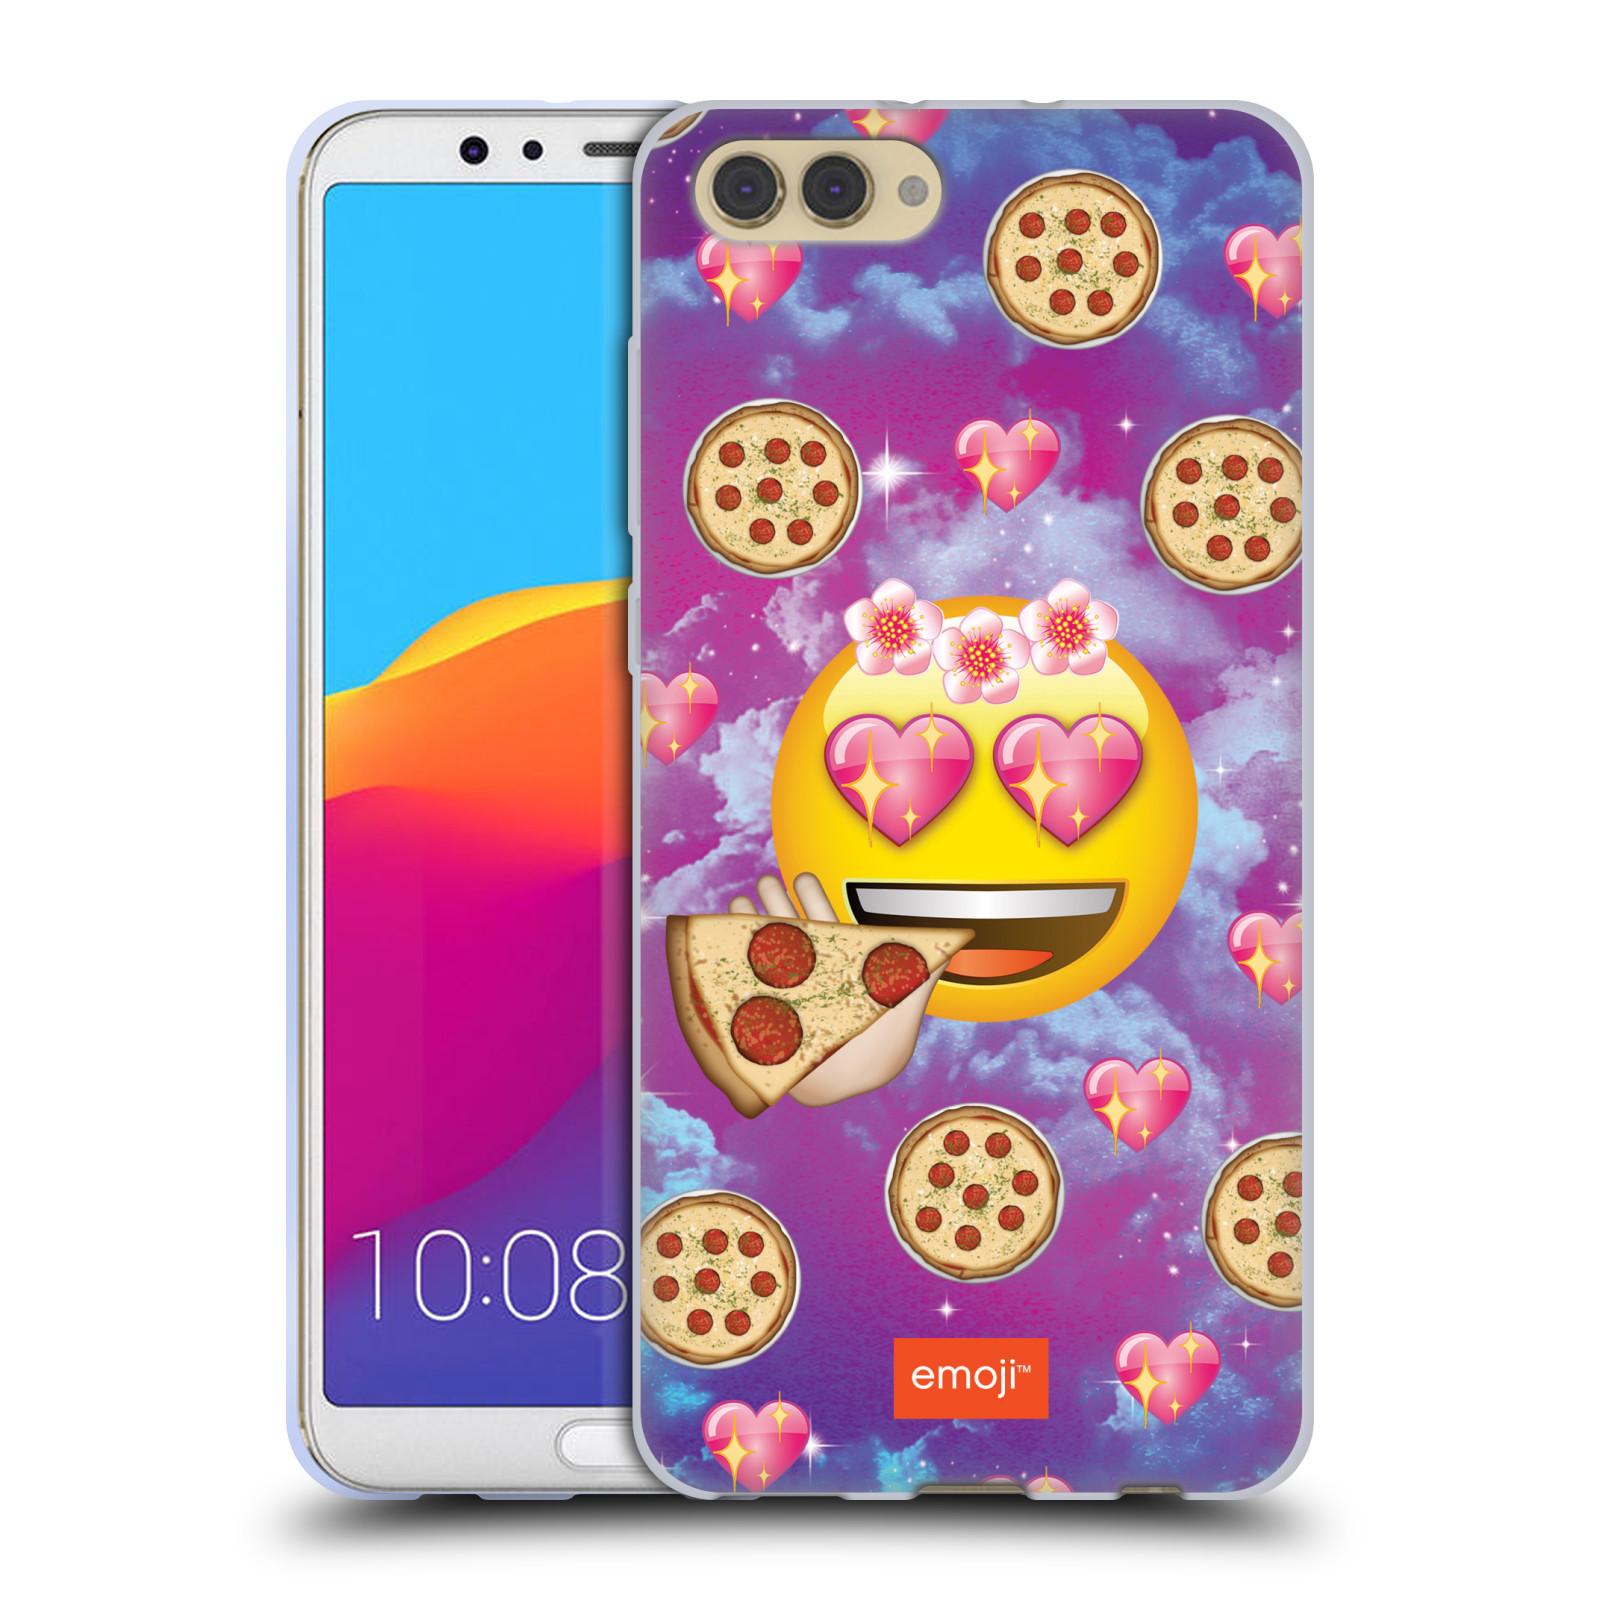 HEAD CASE silikonový obal na mobil Huawei HONOR VIEW 10 / V10 smajlík oficiální kryt EMOJI velký smajlík milovník pizzy